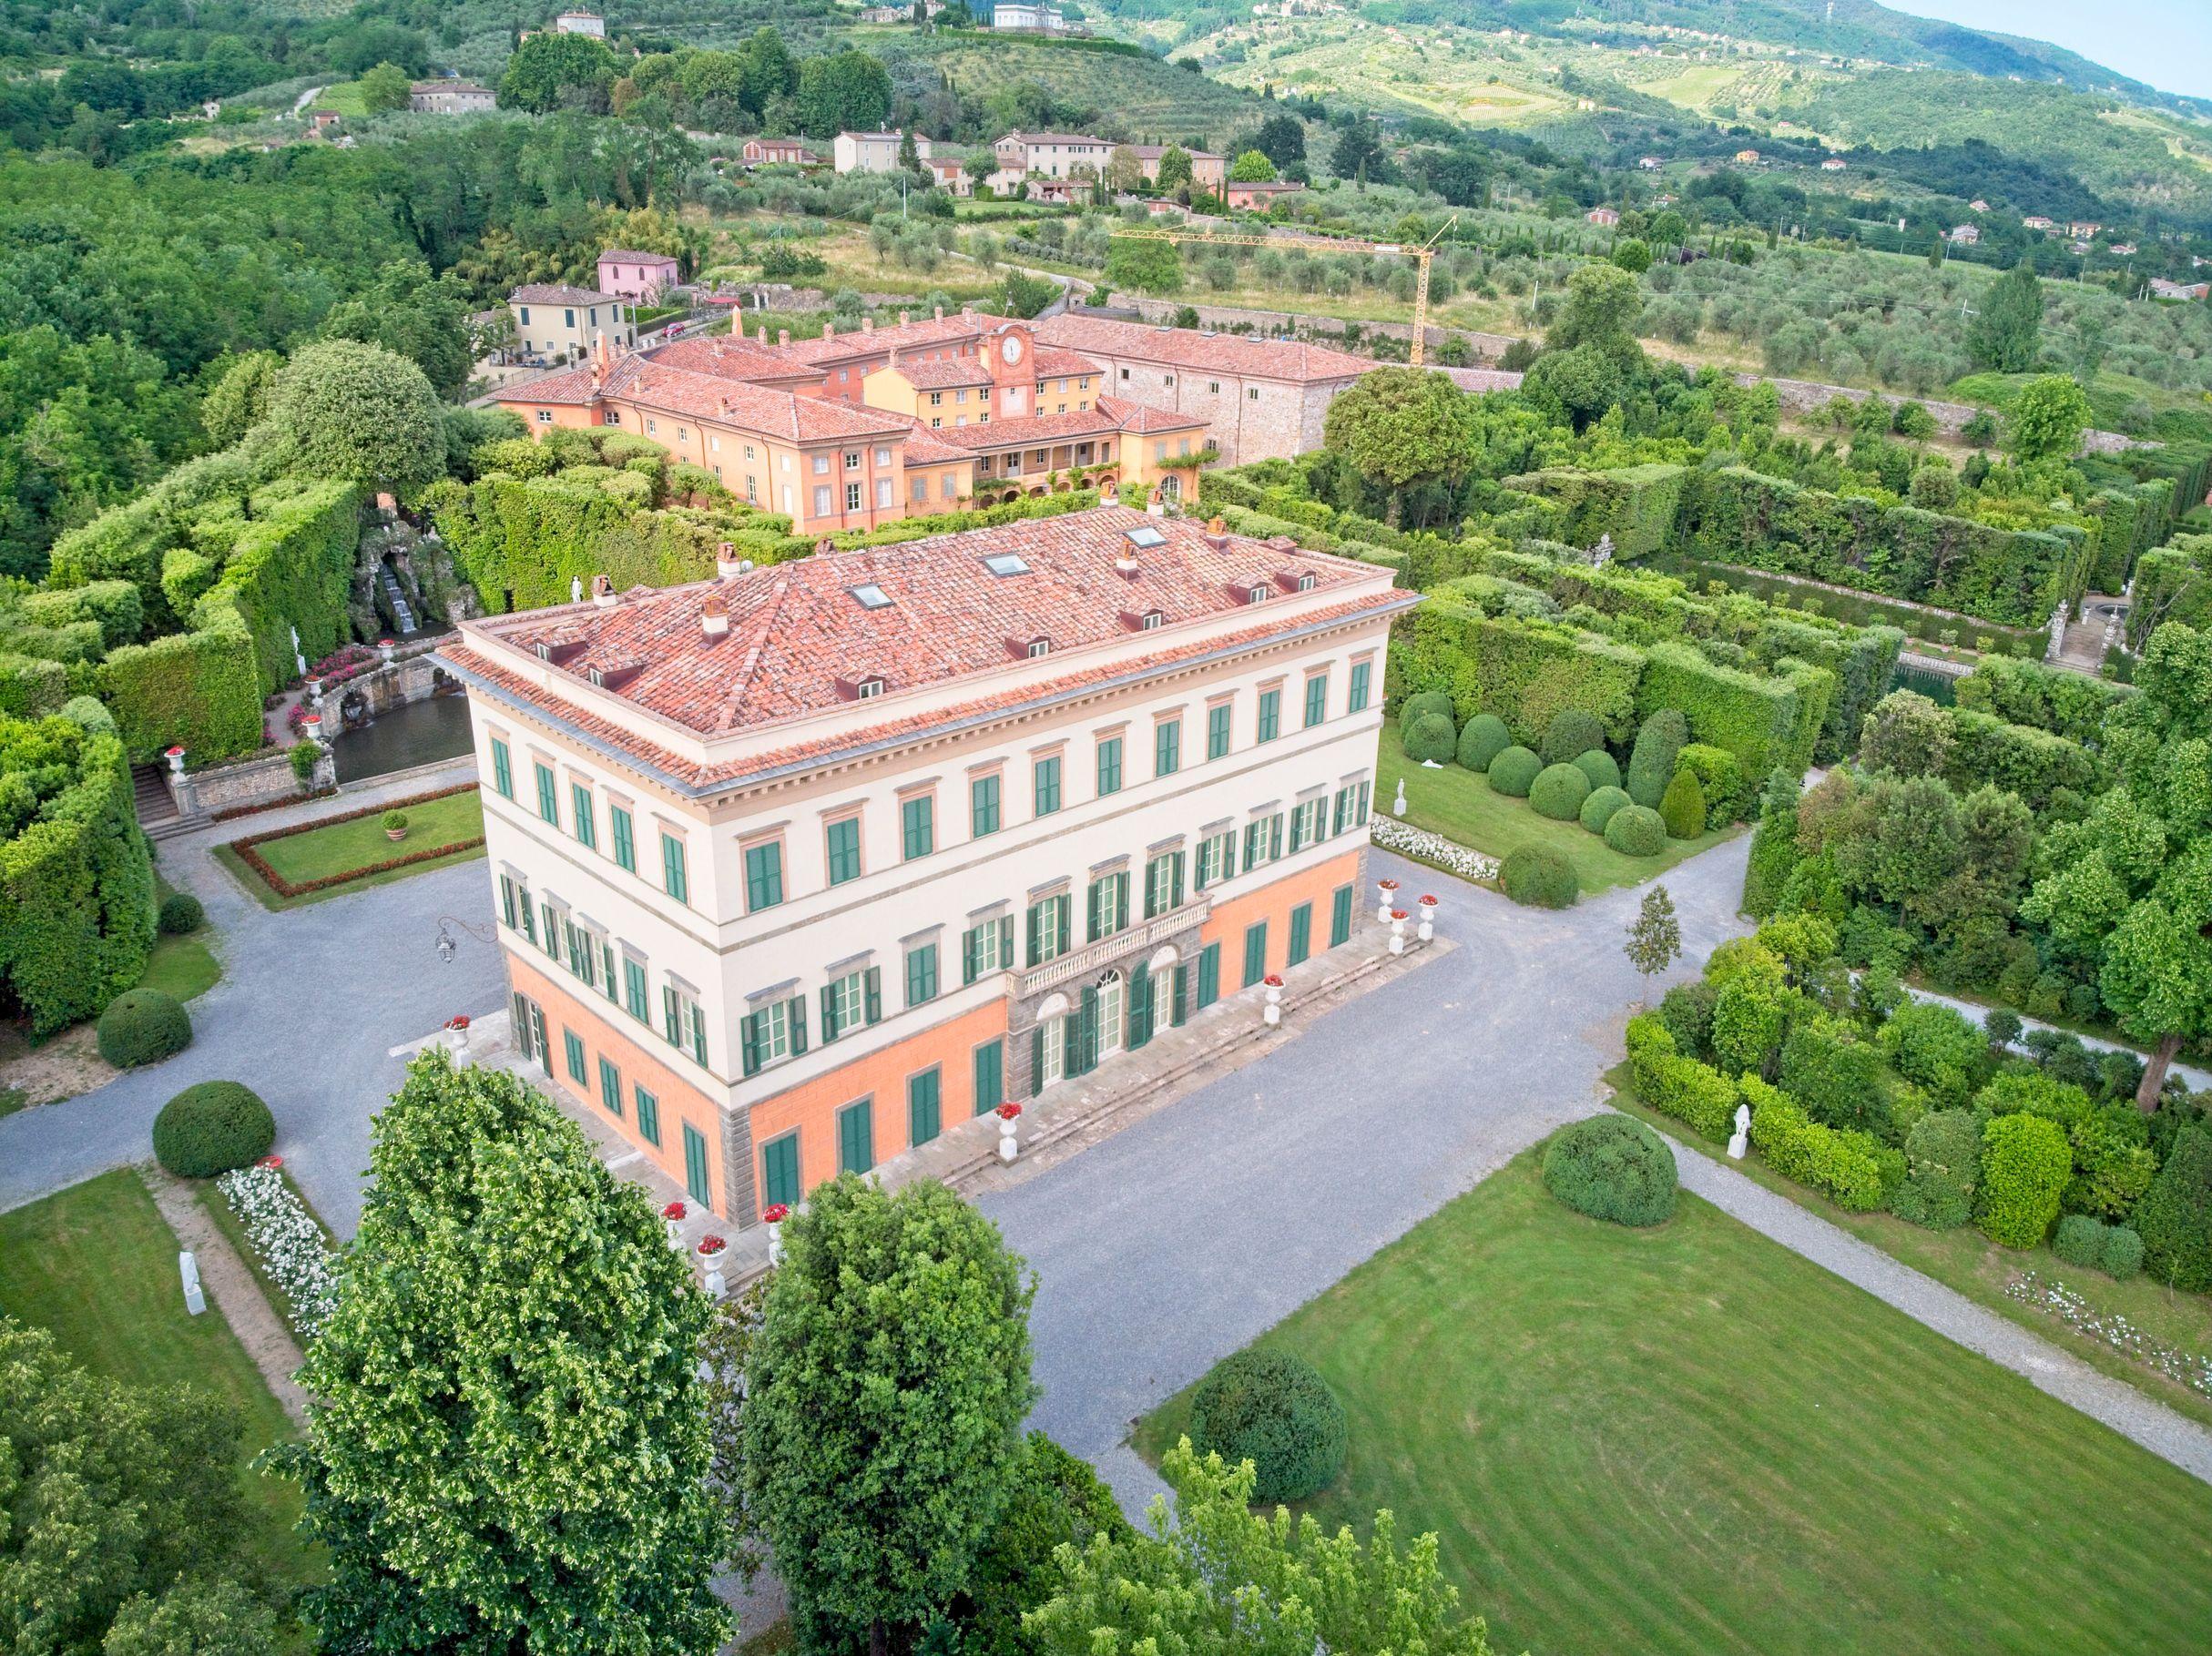 Villa Reale di Marlia: Apertura 2021